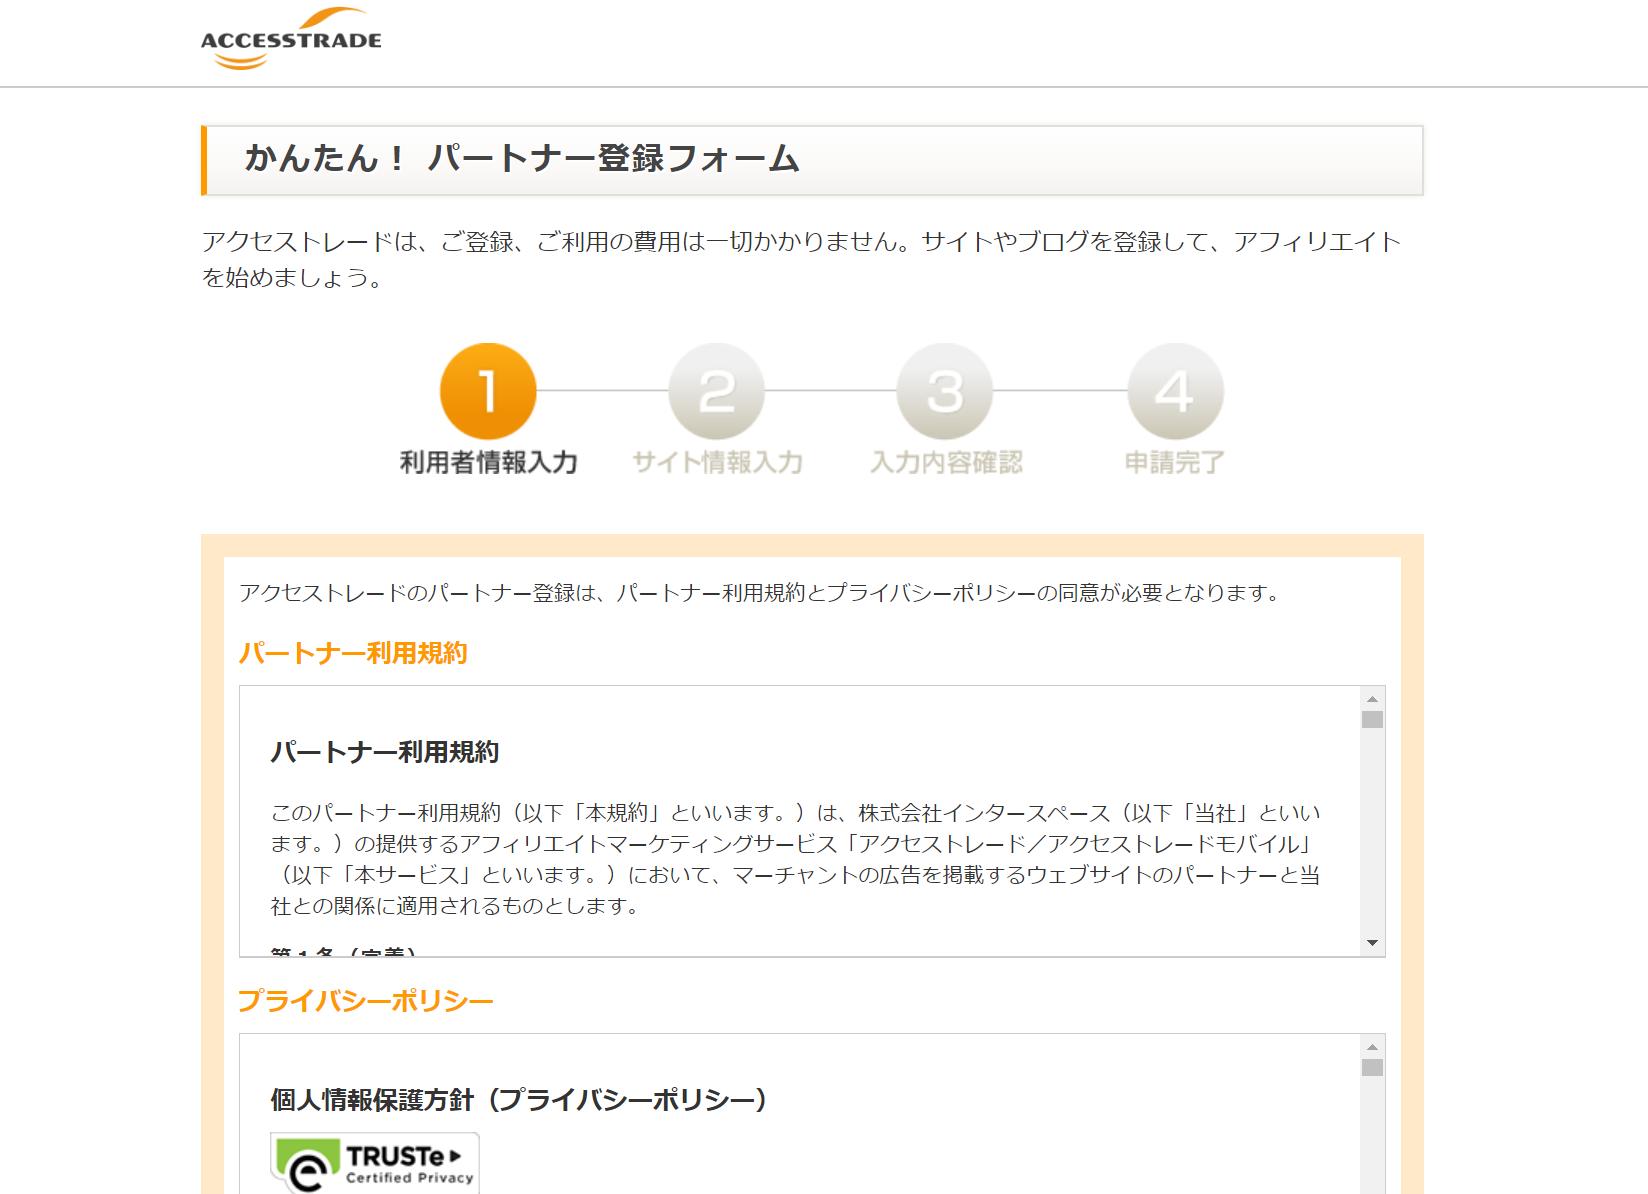 アクセストレードの登録画面